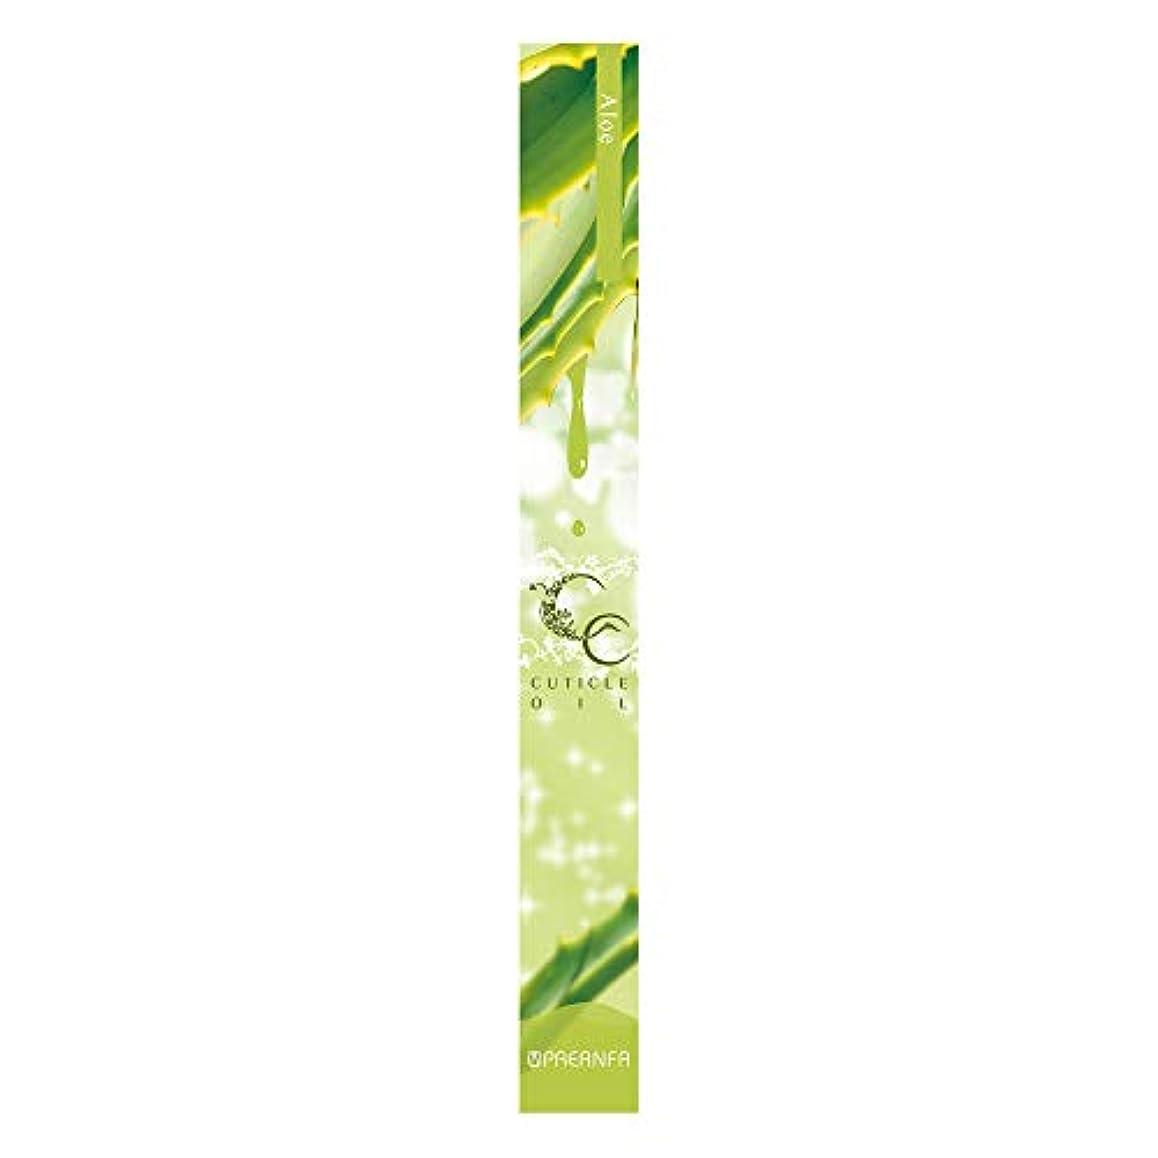 暫定のダイエットセミナープリジェル 甘皮ケア CCキューティクルオイル アロエ 4.5g  保湿オイル ペンタイプ